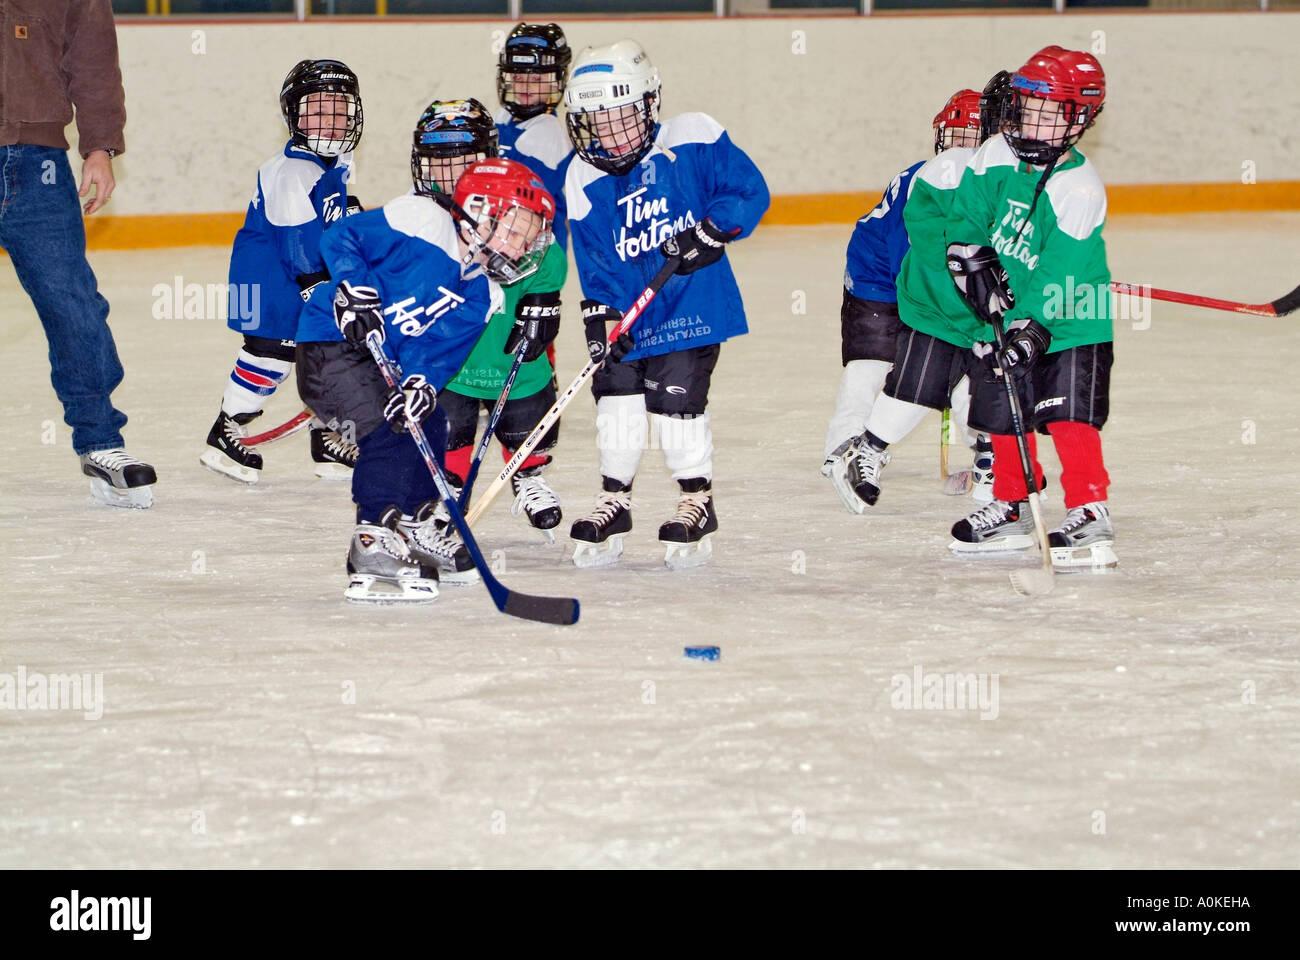 5 anno di età i ragazzi e le ragazze stanno imparando i fondamenti di giocare a hockey su ghiaccio Immagini Stock